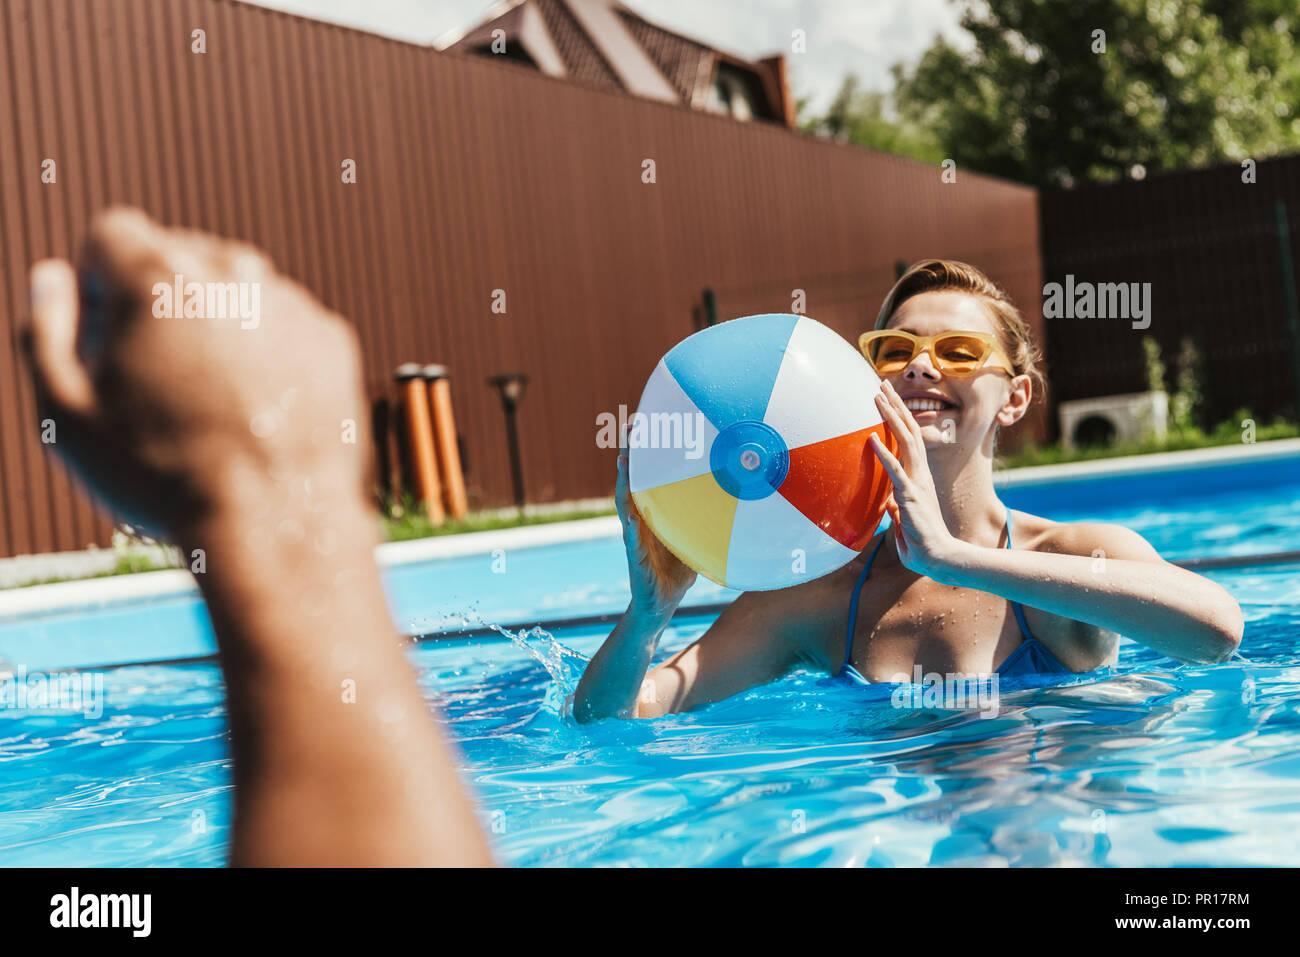 Mujer feliz jugando con la pelota de playa piscina Imagen De Stock